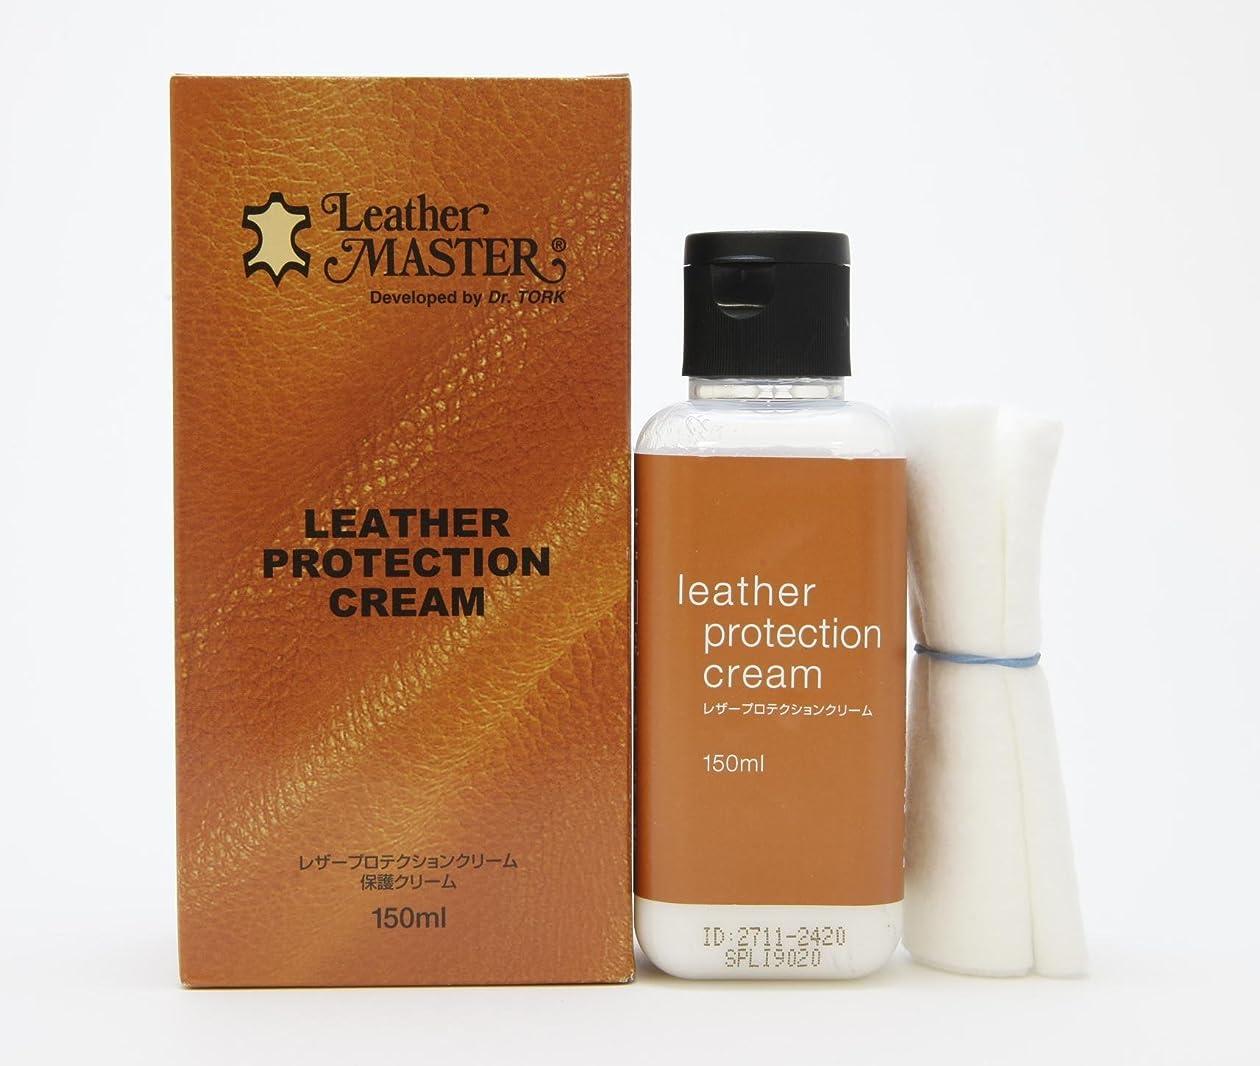 悪の渦絡まるLeather MASTER プロテクションクリーム 単品 150ml